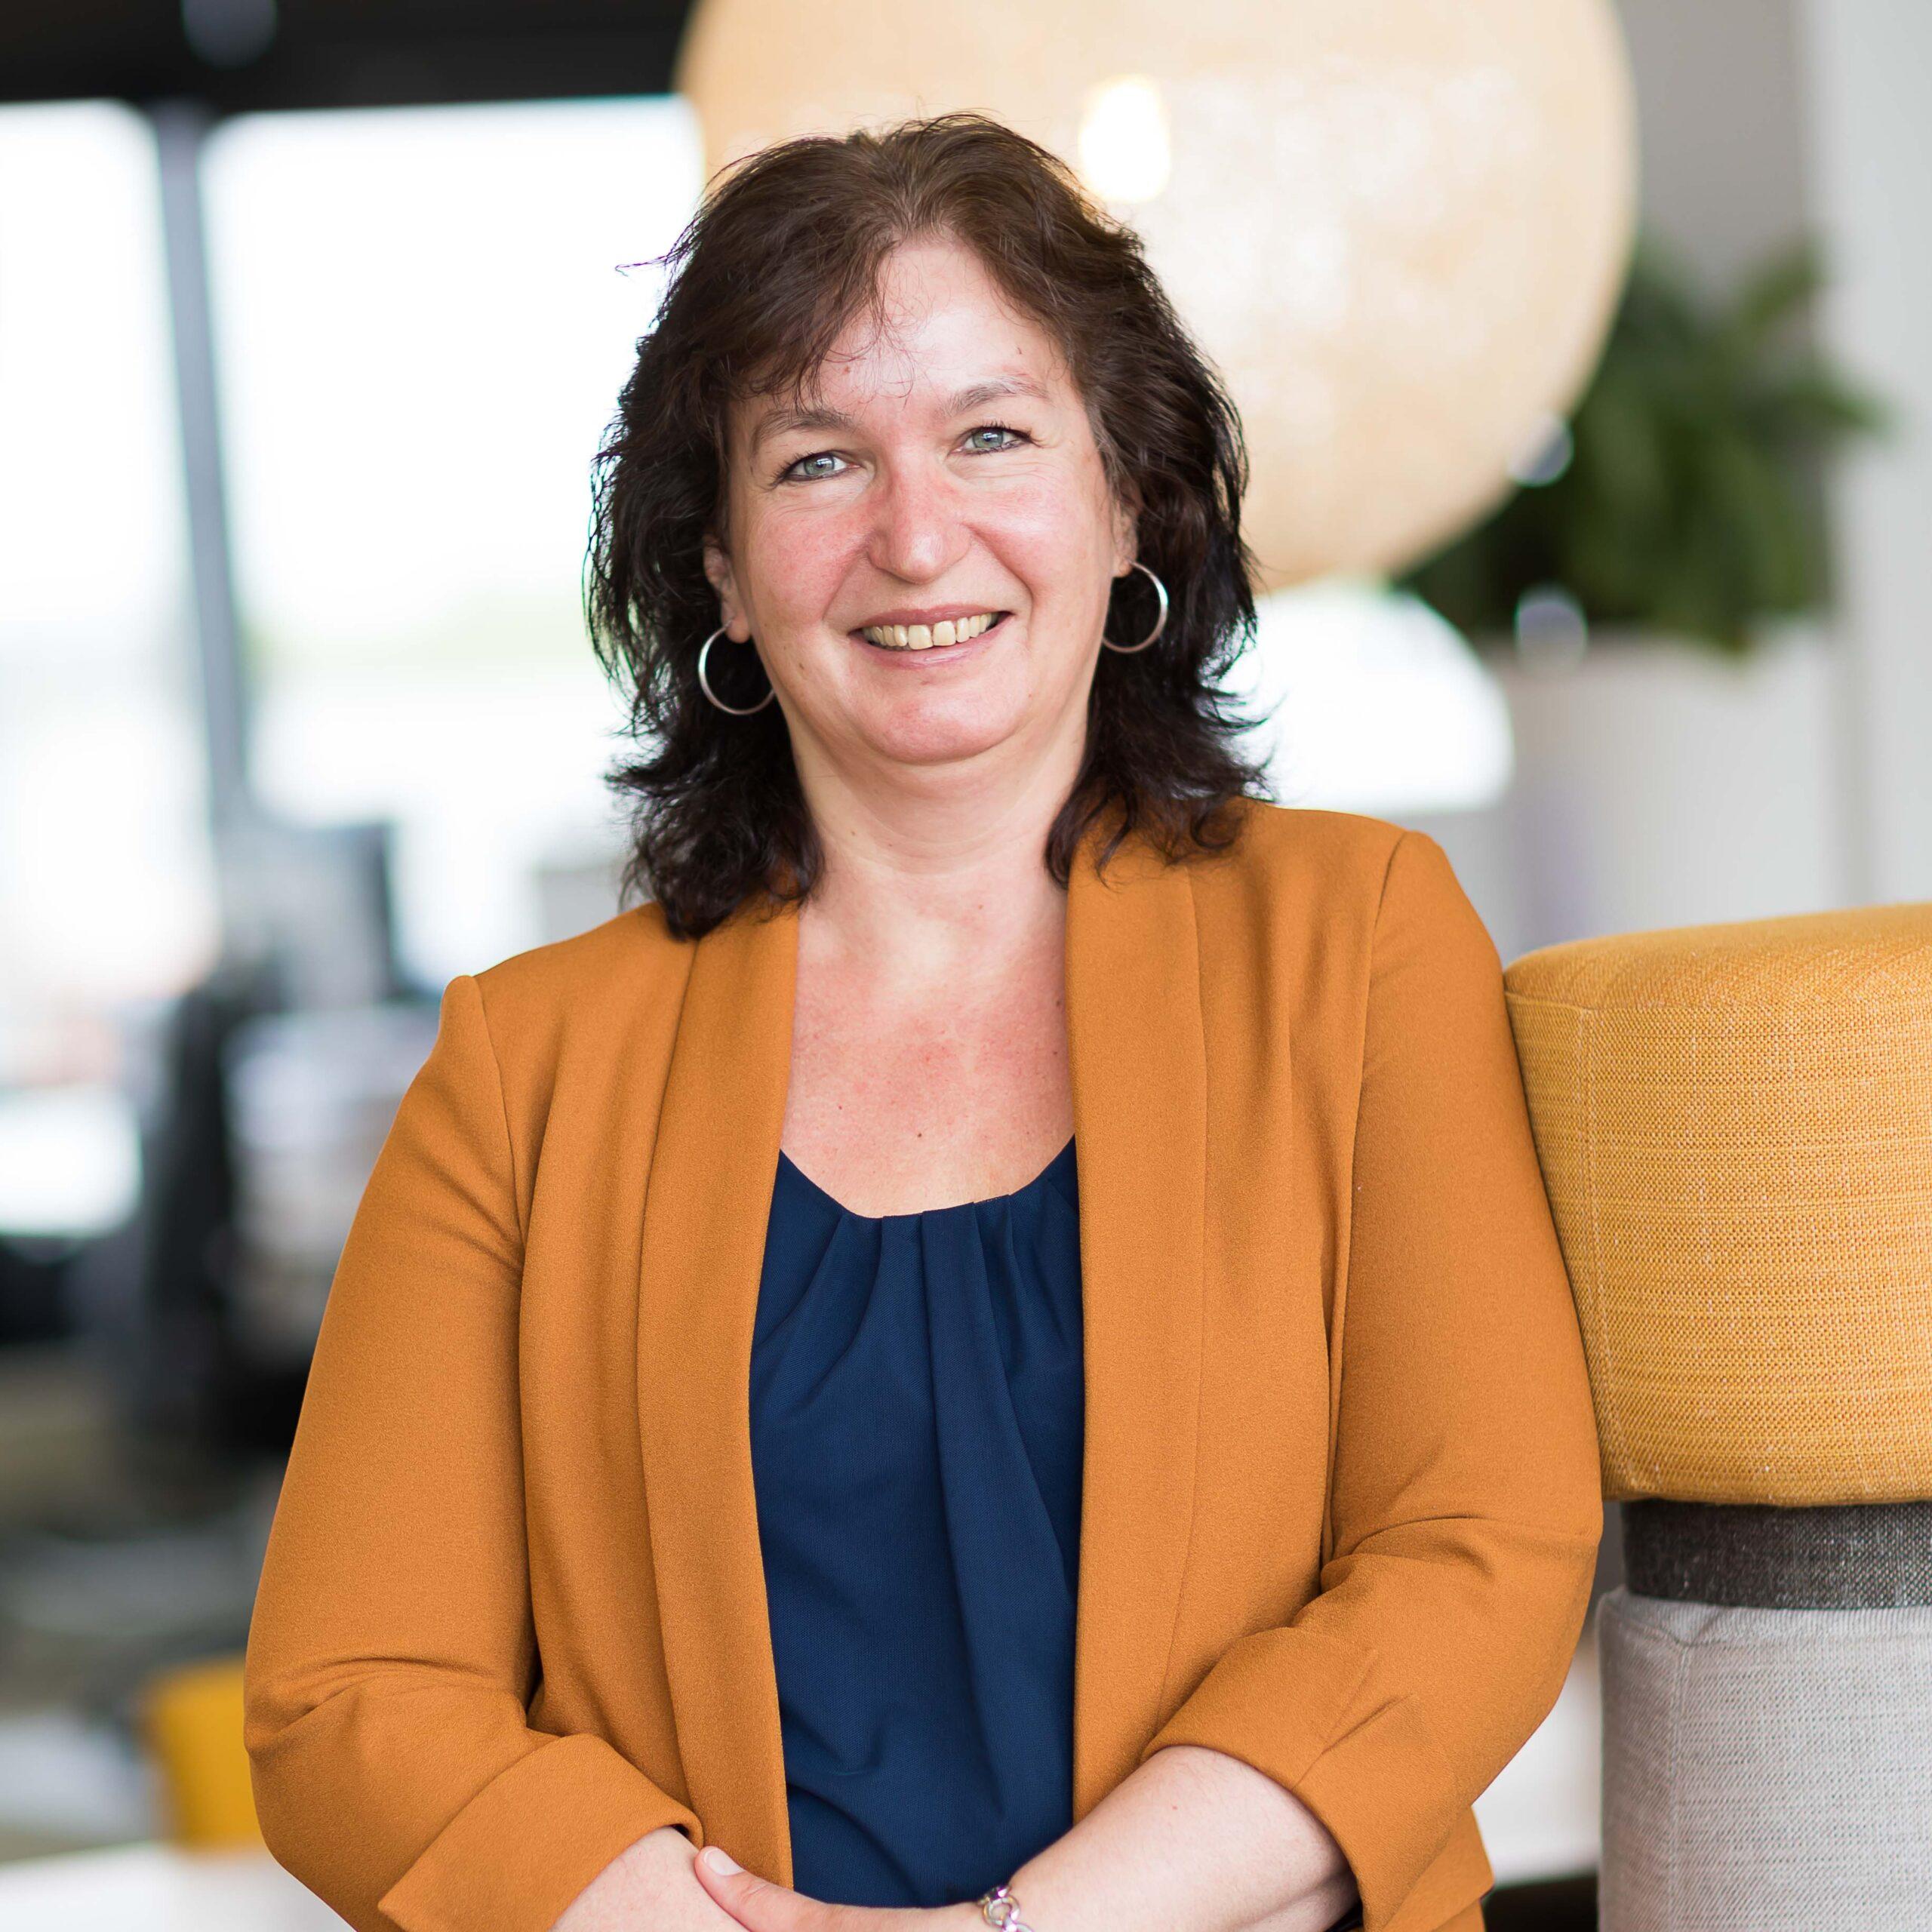 Monique Heijn